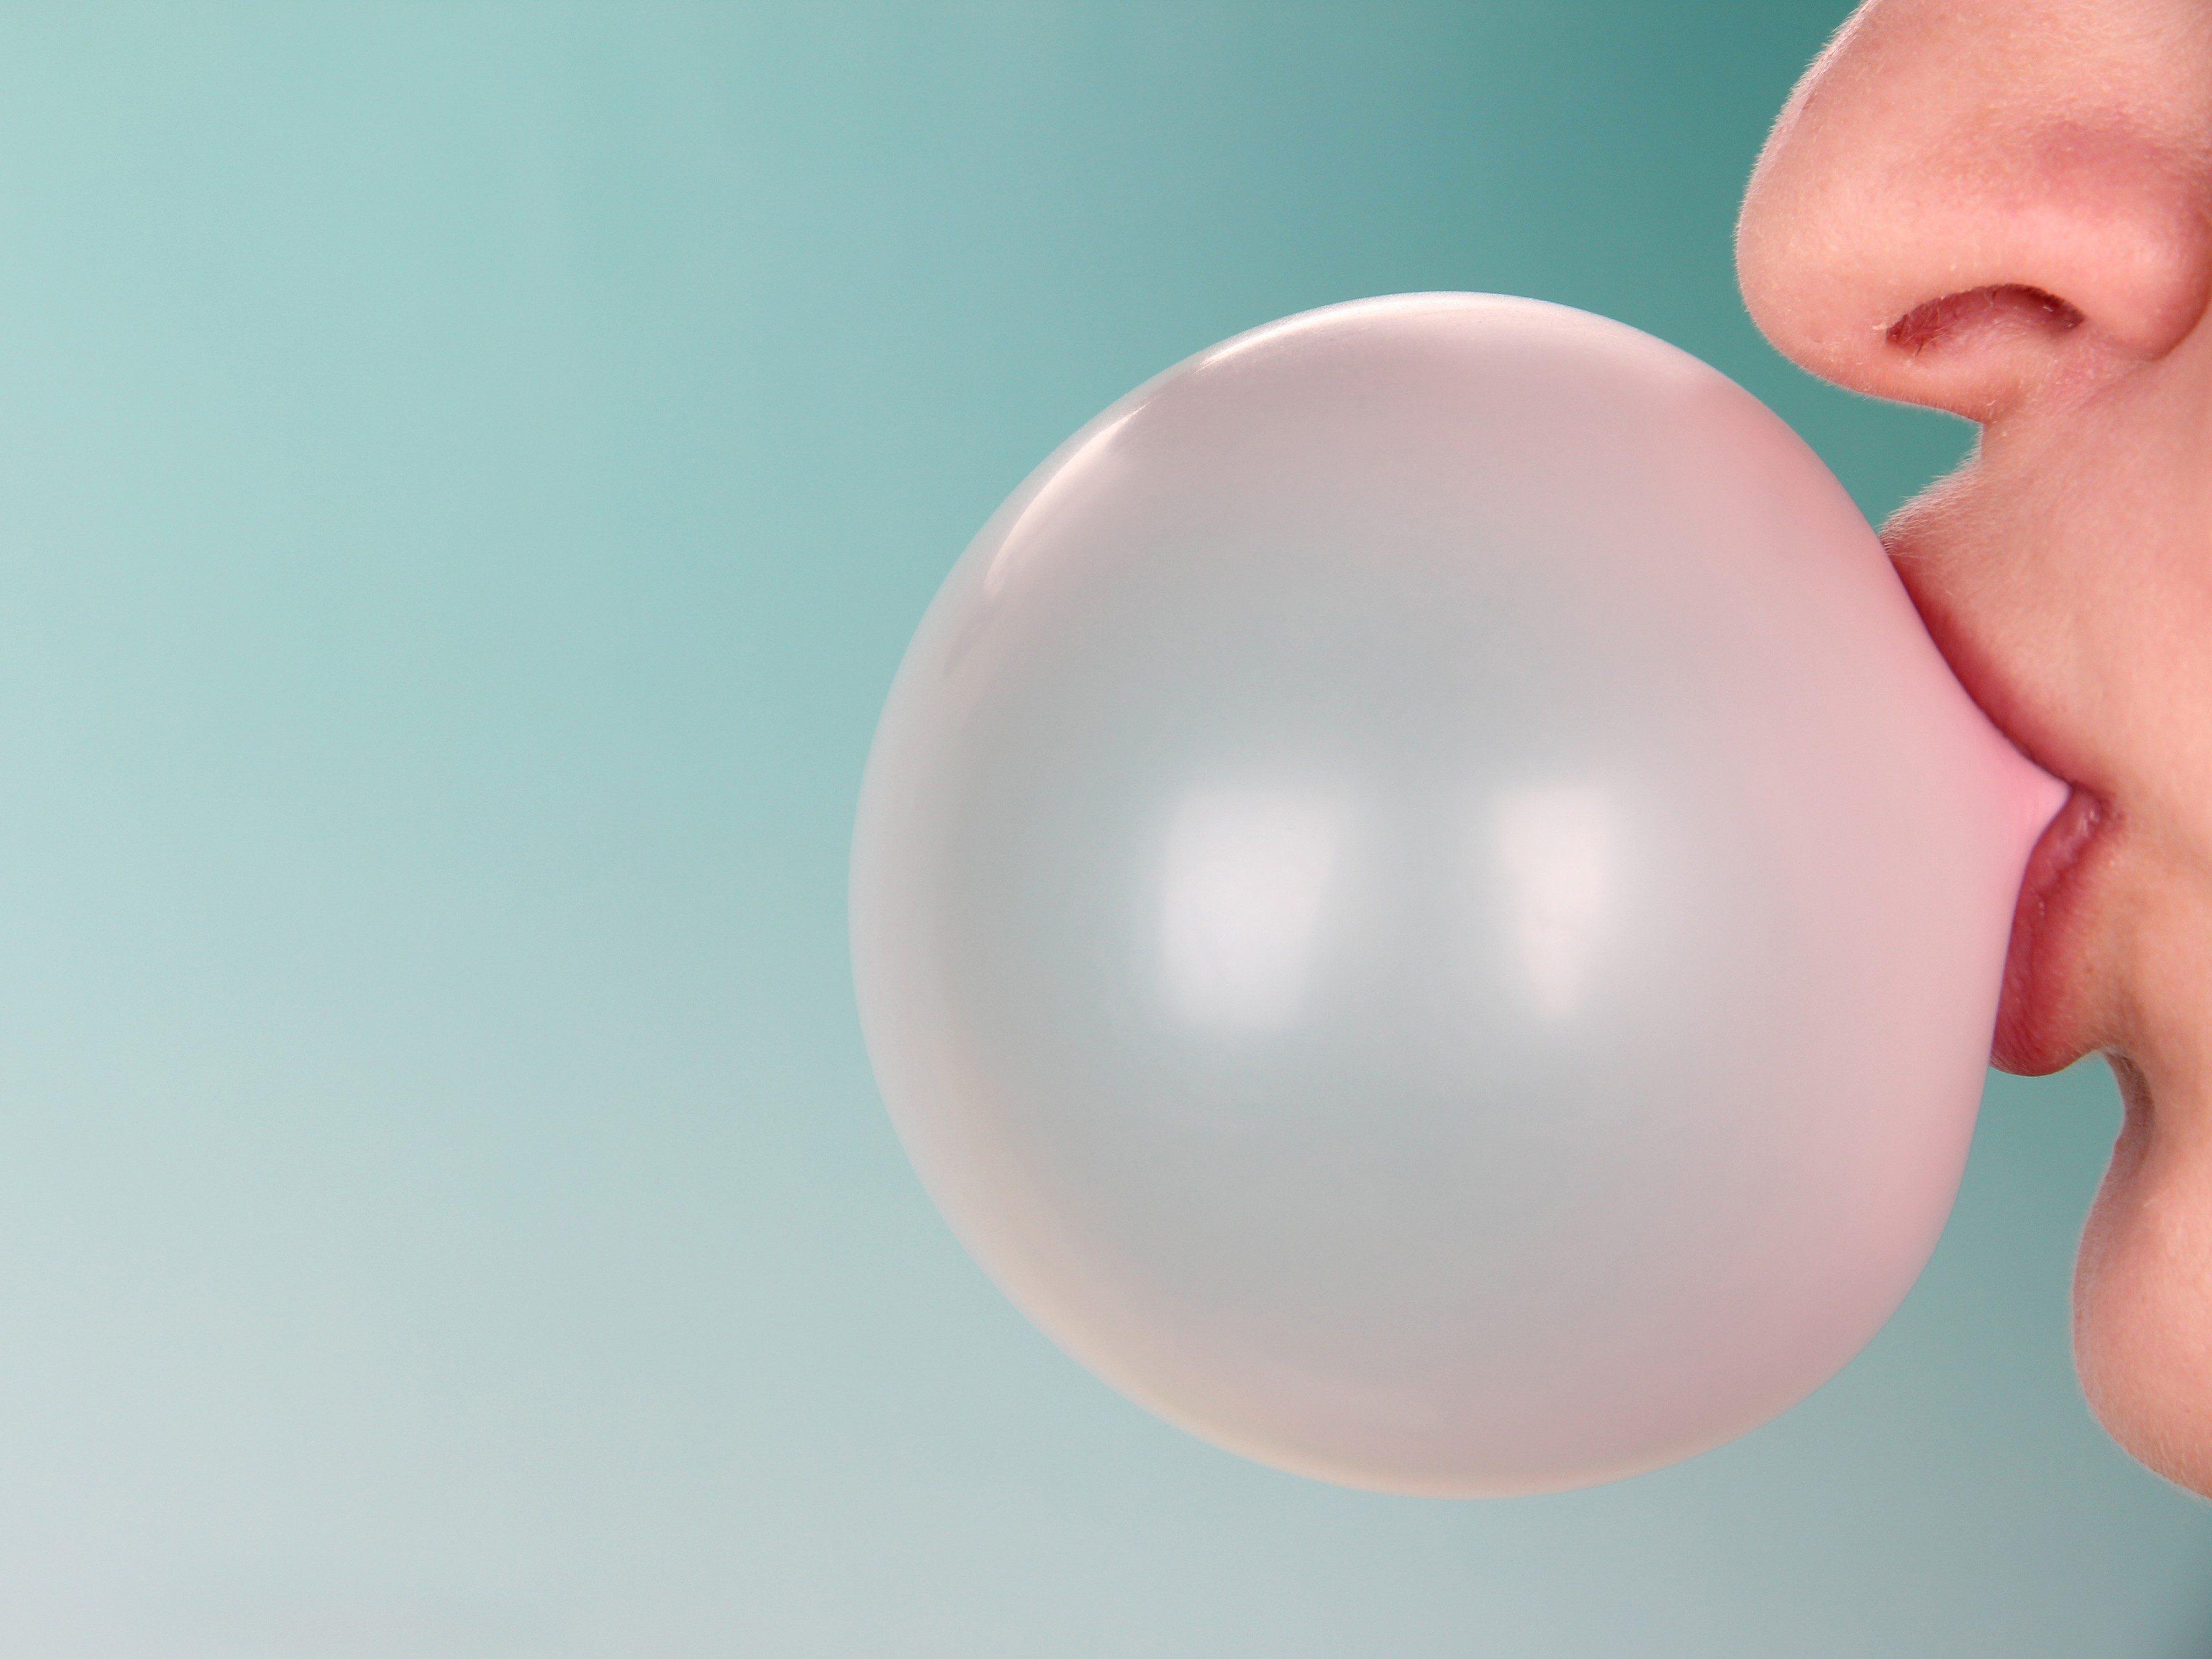 13. Chew a stick of gum.